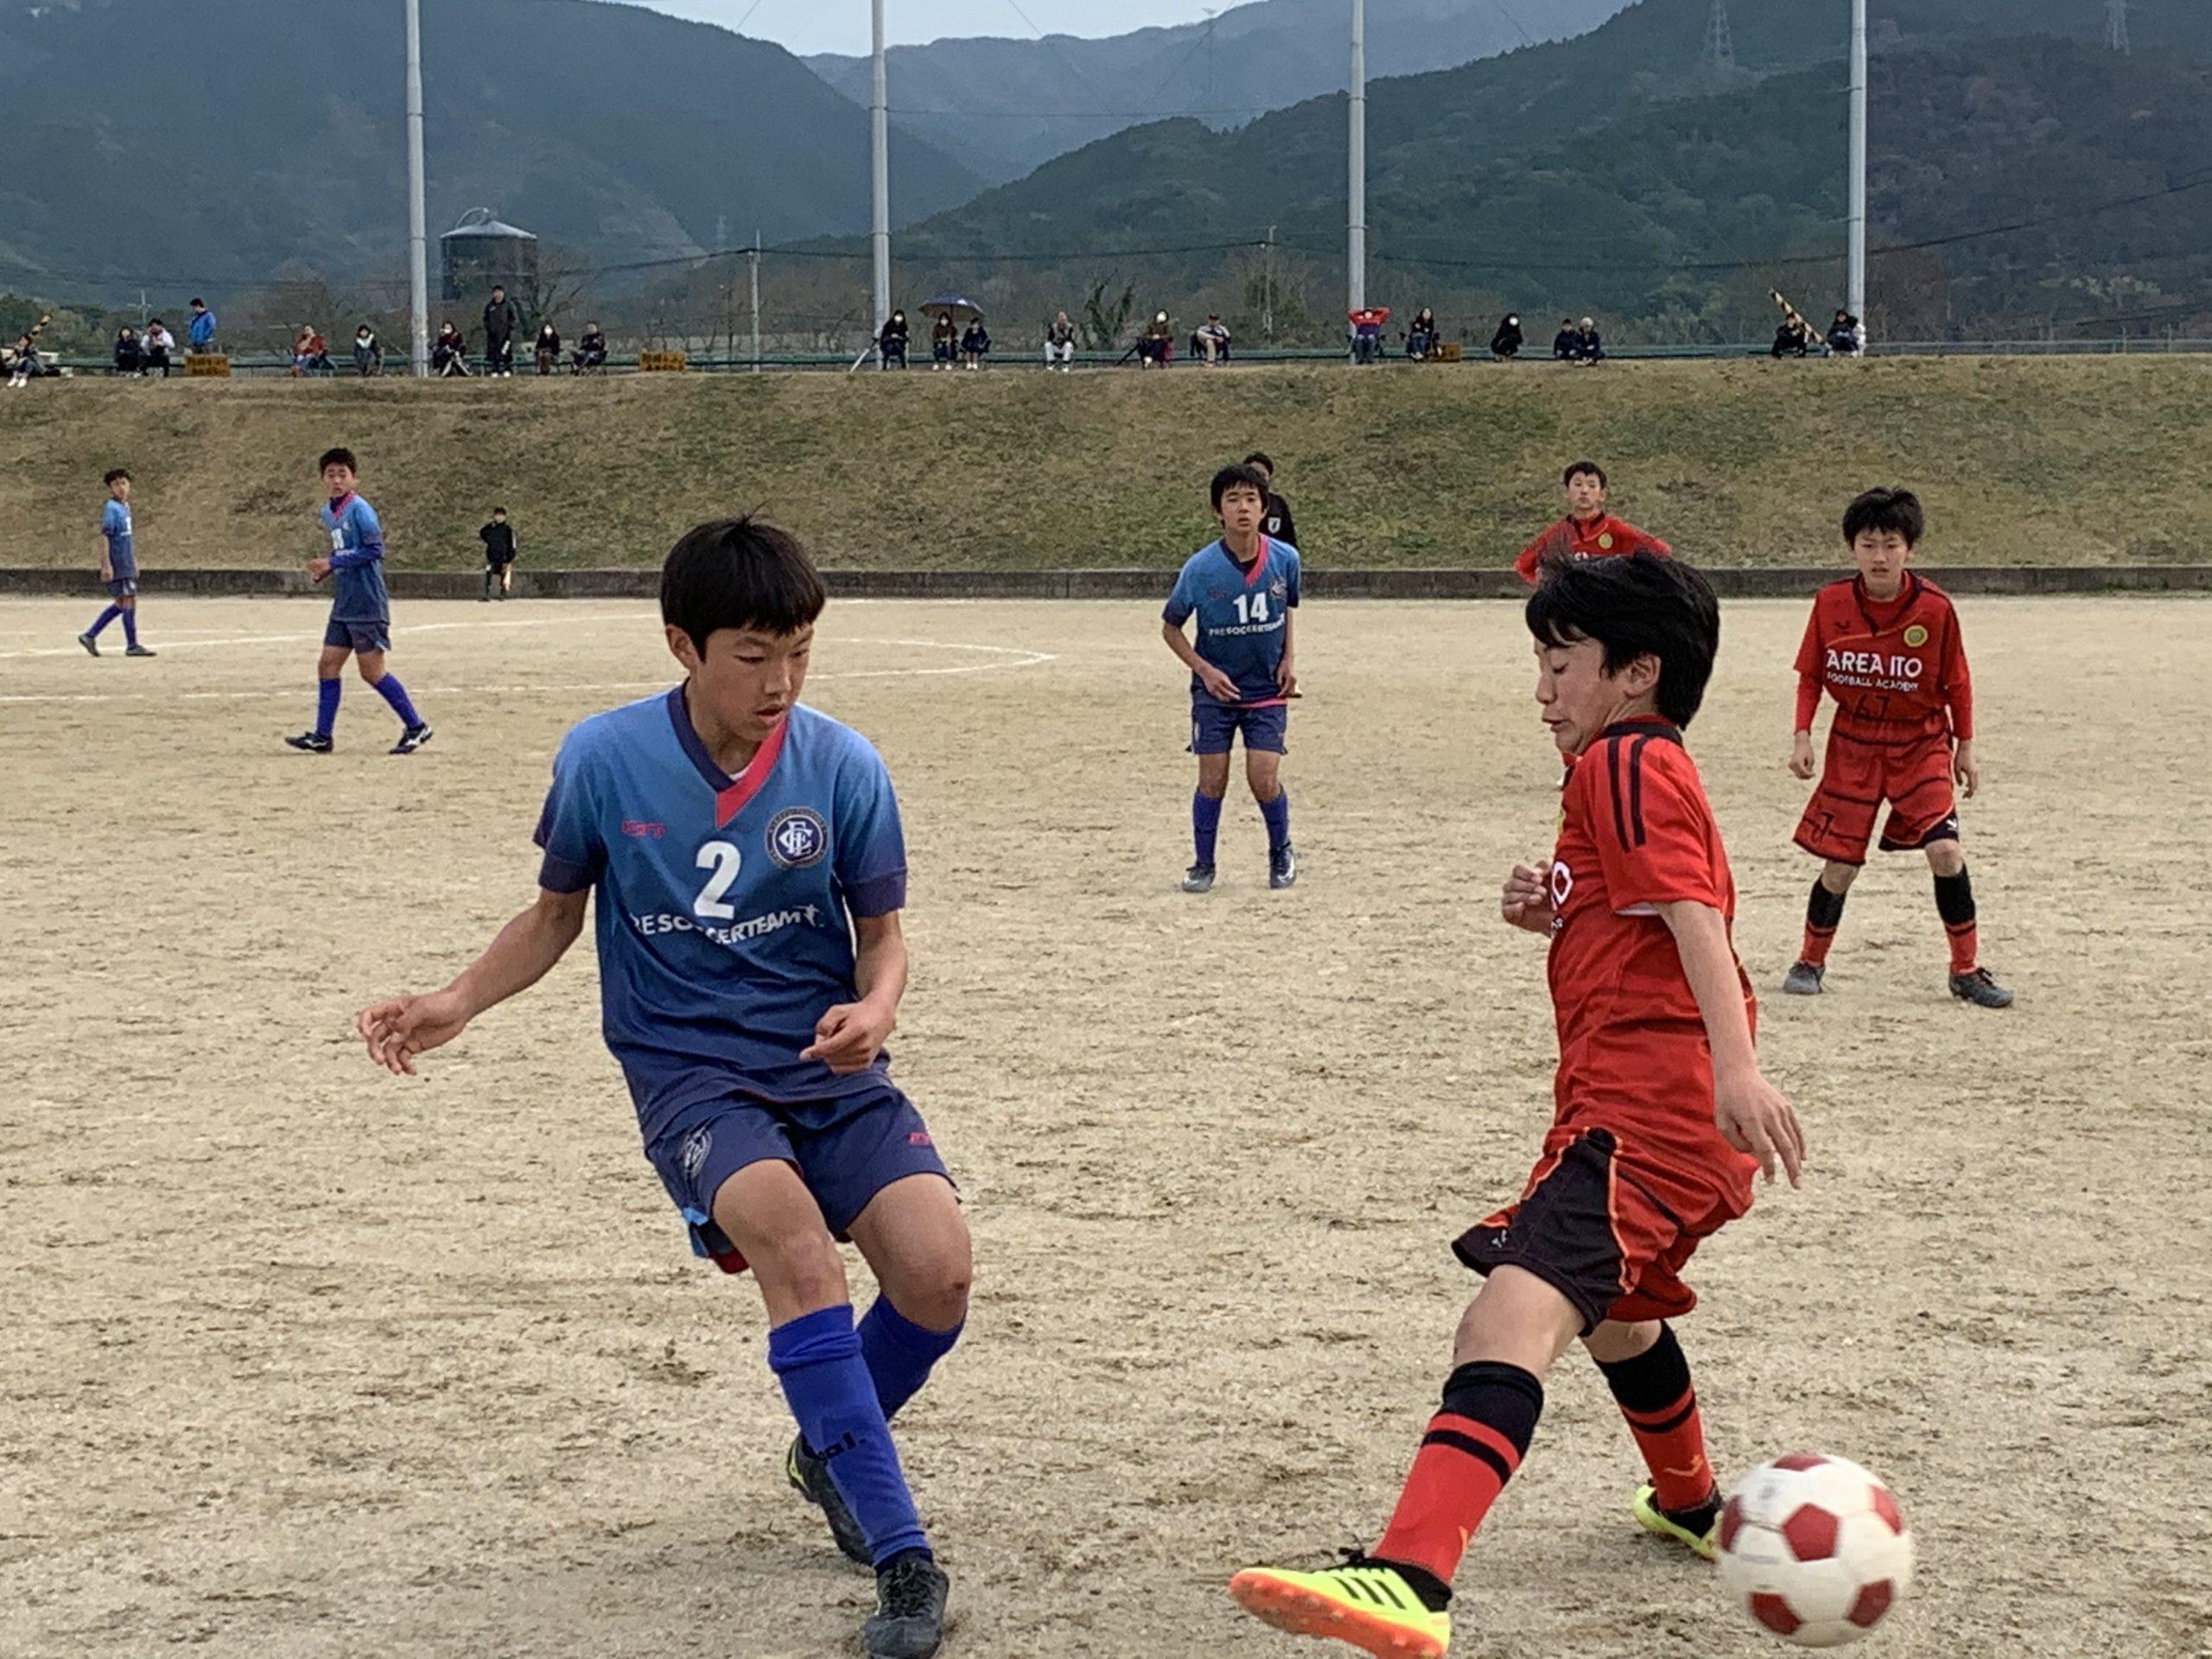 ジュニアユース2nd(Rojo)福岡支部リーグ第5節